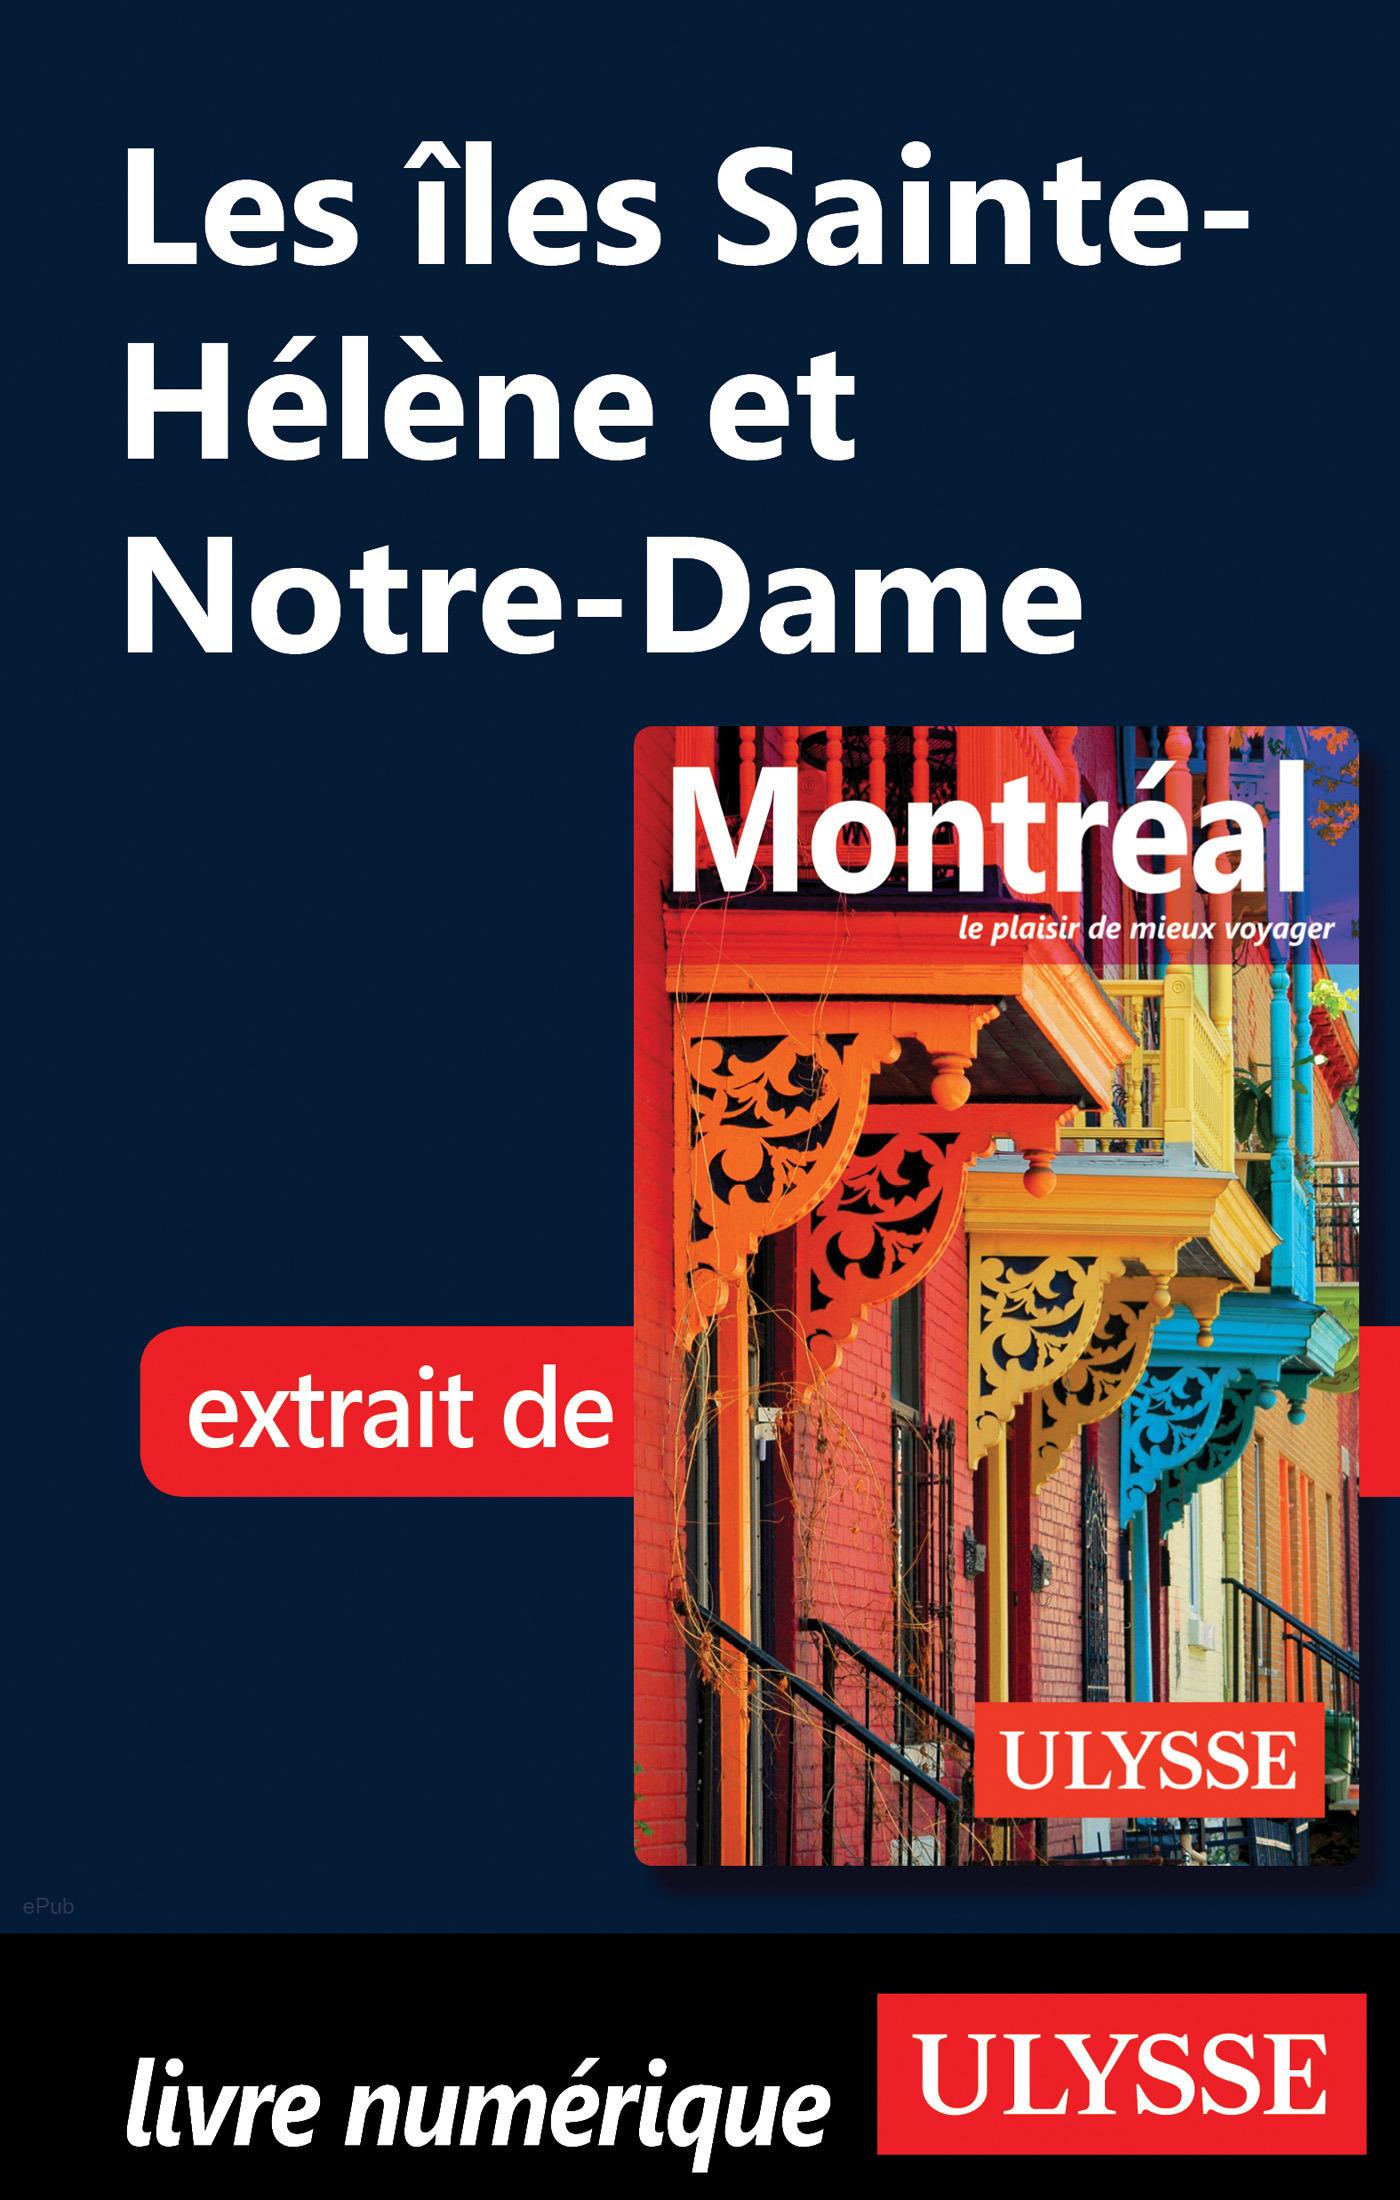 Les îles Sainte-Hélène et Notre-Dame (ebook)